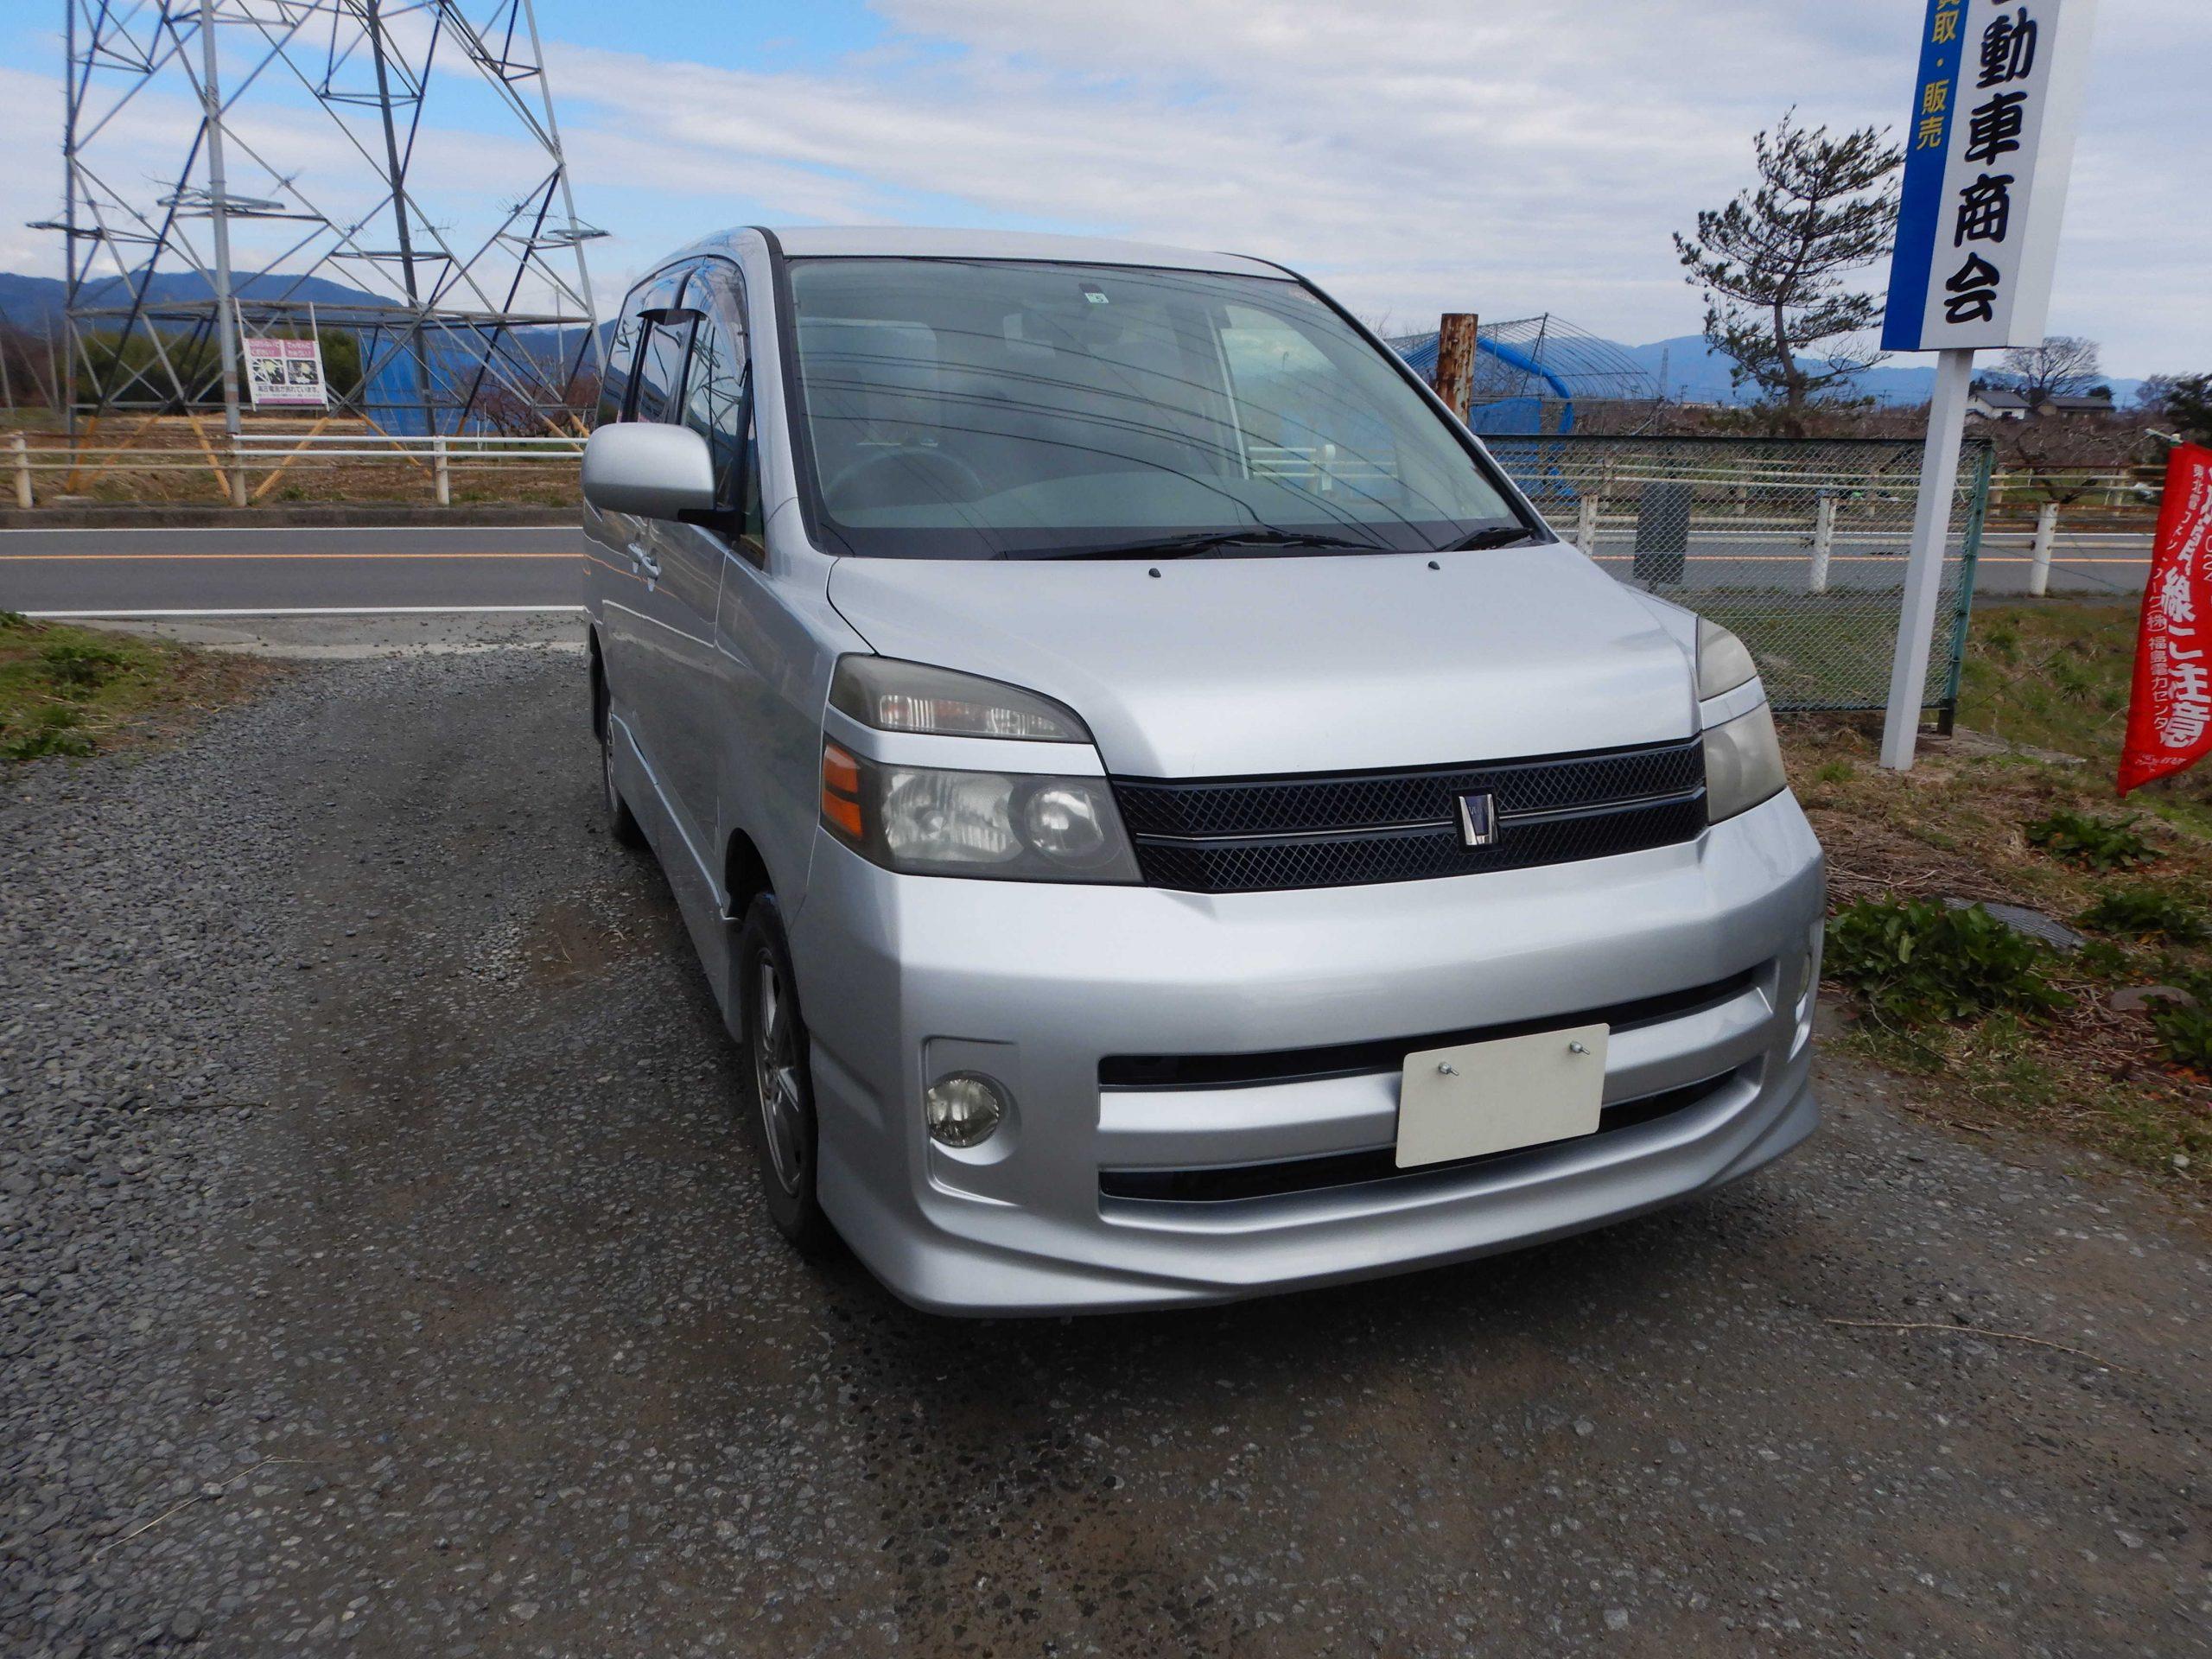 福島市 トヨタ ヴォクシー 廃車 解体車 輸出向け車両